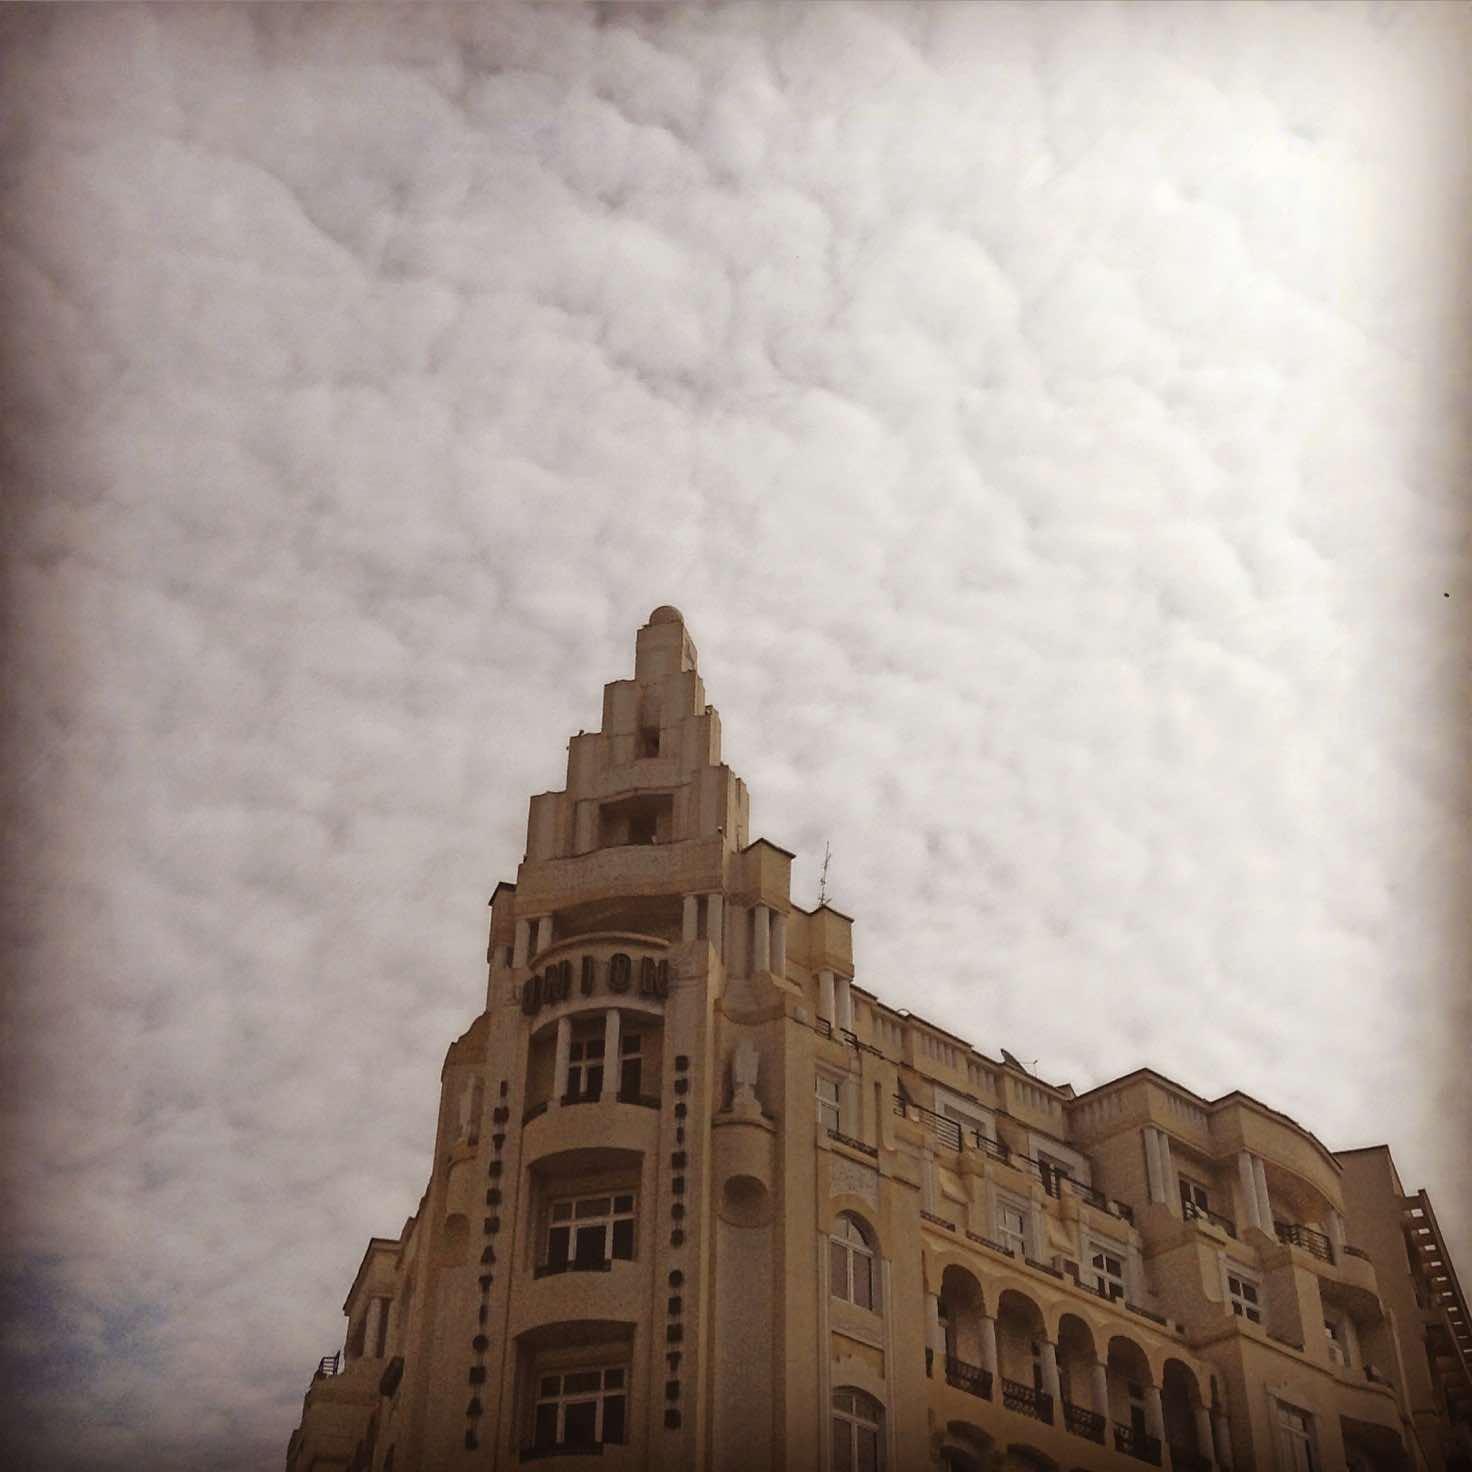 Edificio Union, una muestra del modernismo a la rumana.©Íñigo Pedrueza